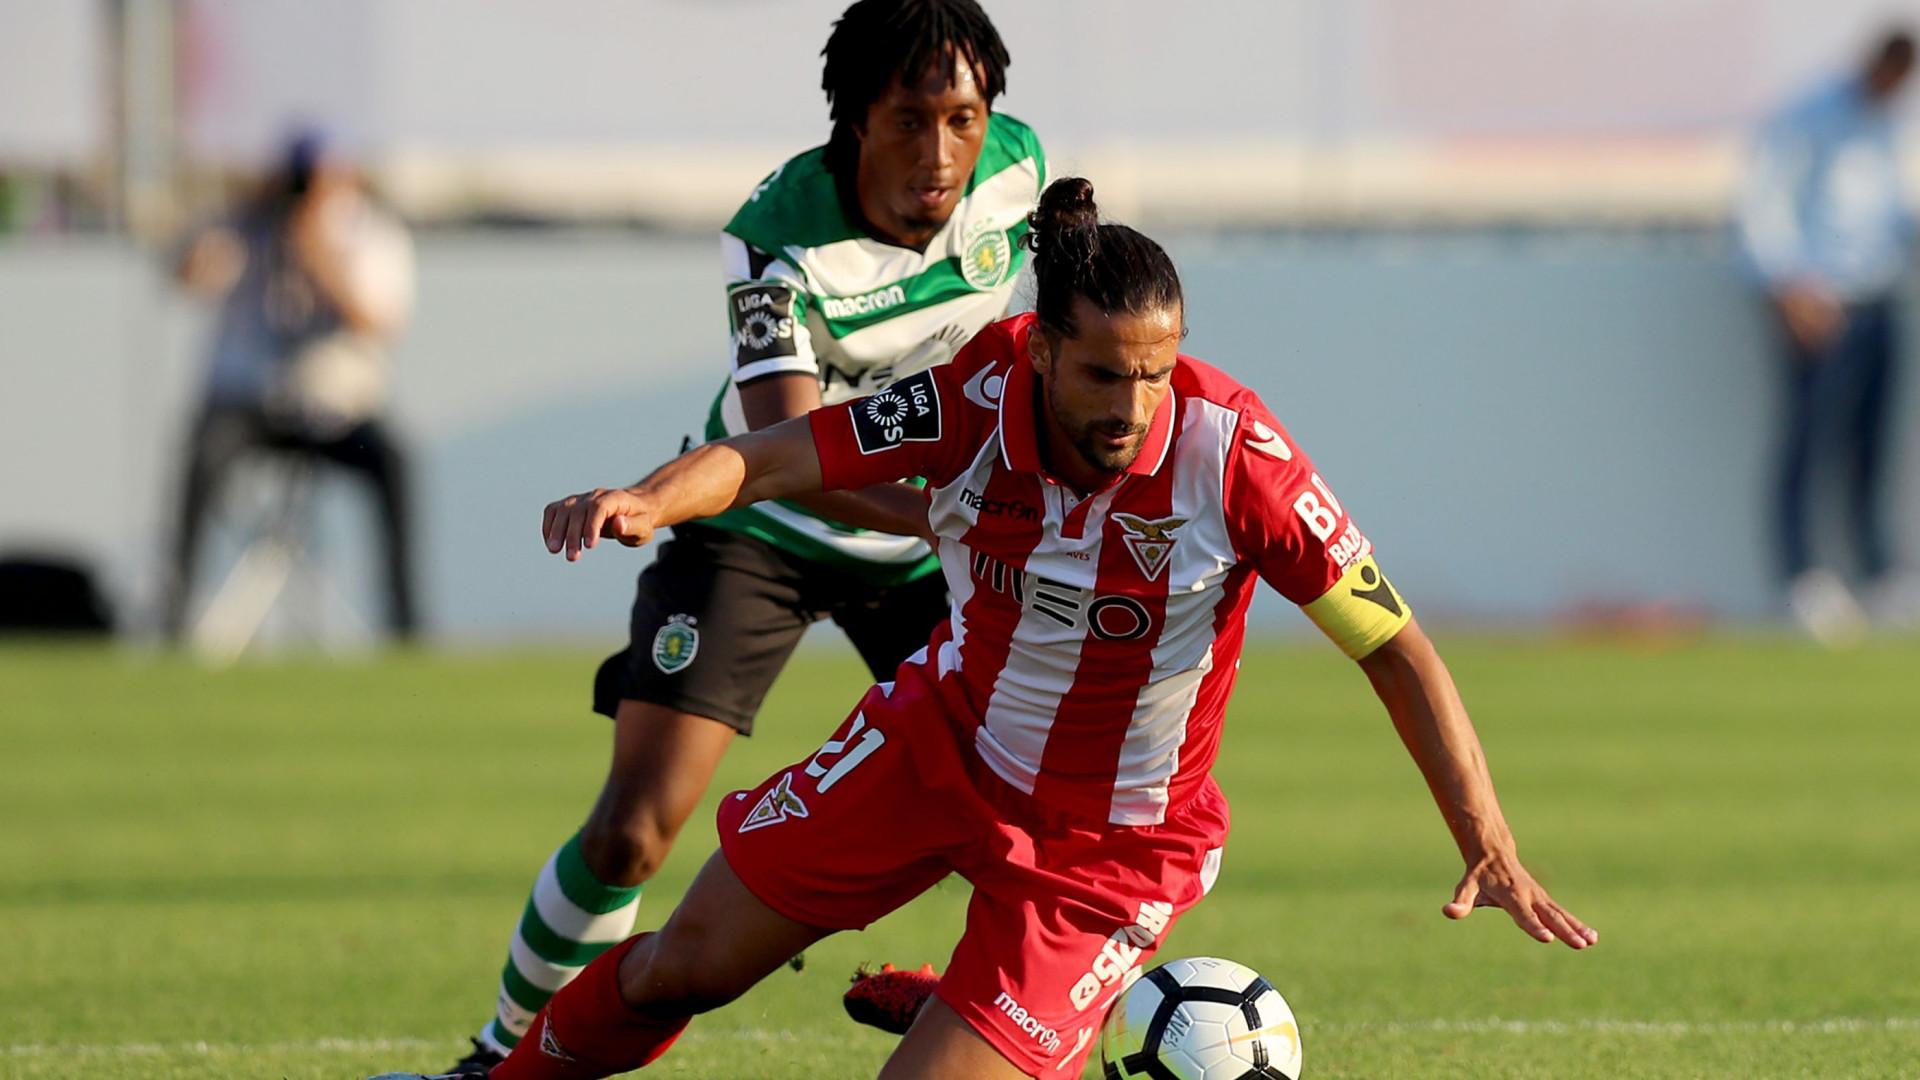 """Aves defende capitão Lenho após polémica com Sporting: """"Total confiança"""""""